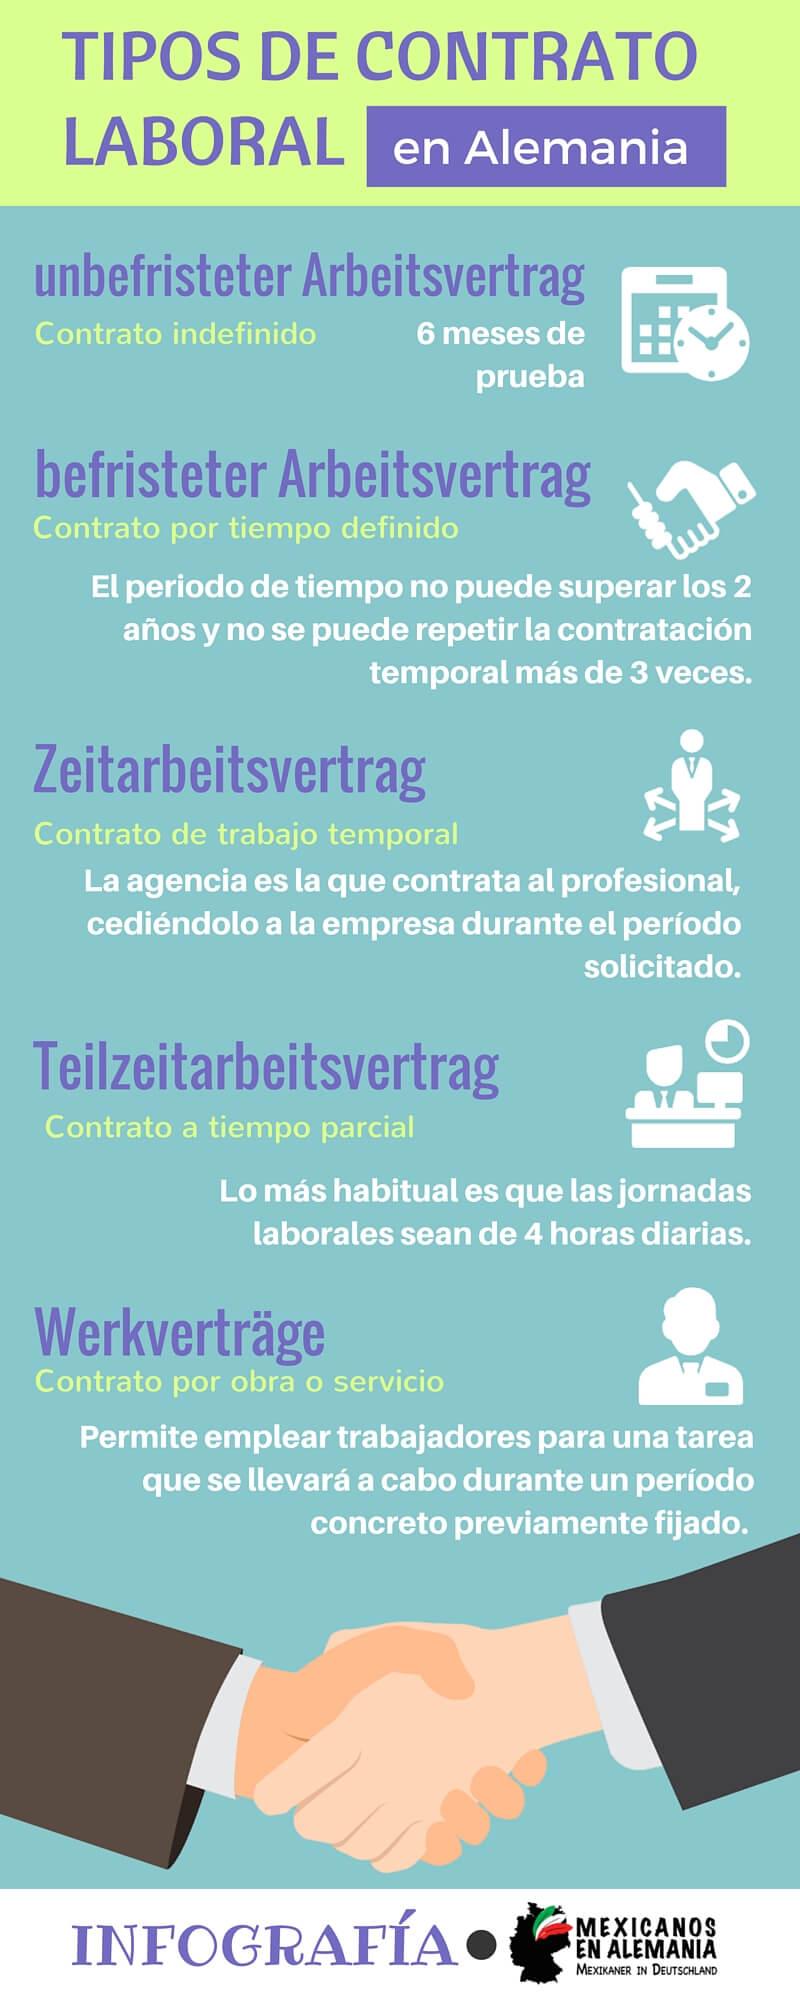 tipos de contrato laboral en Alemania